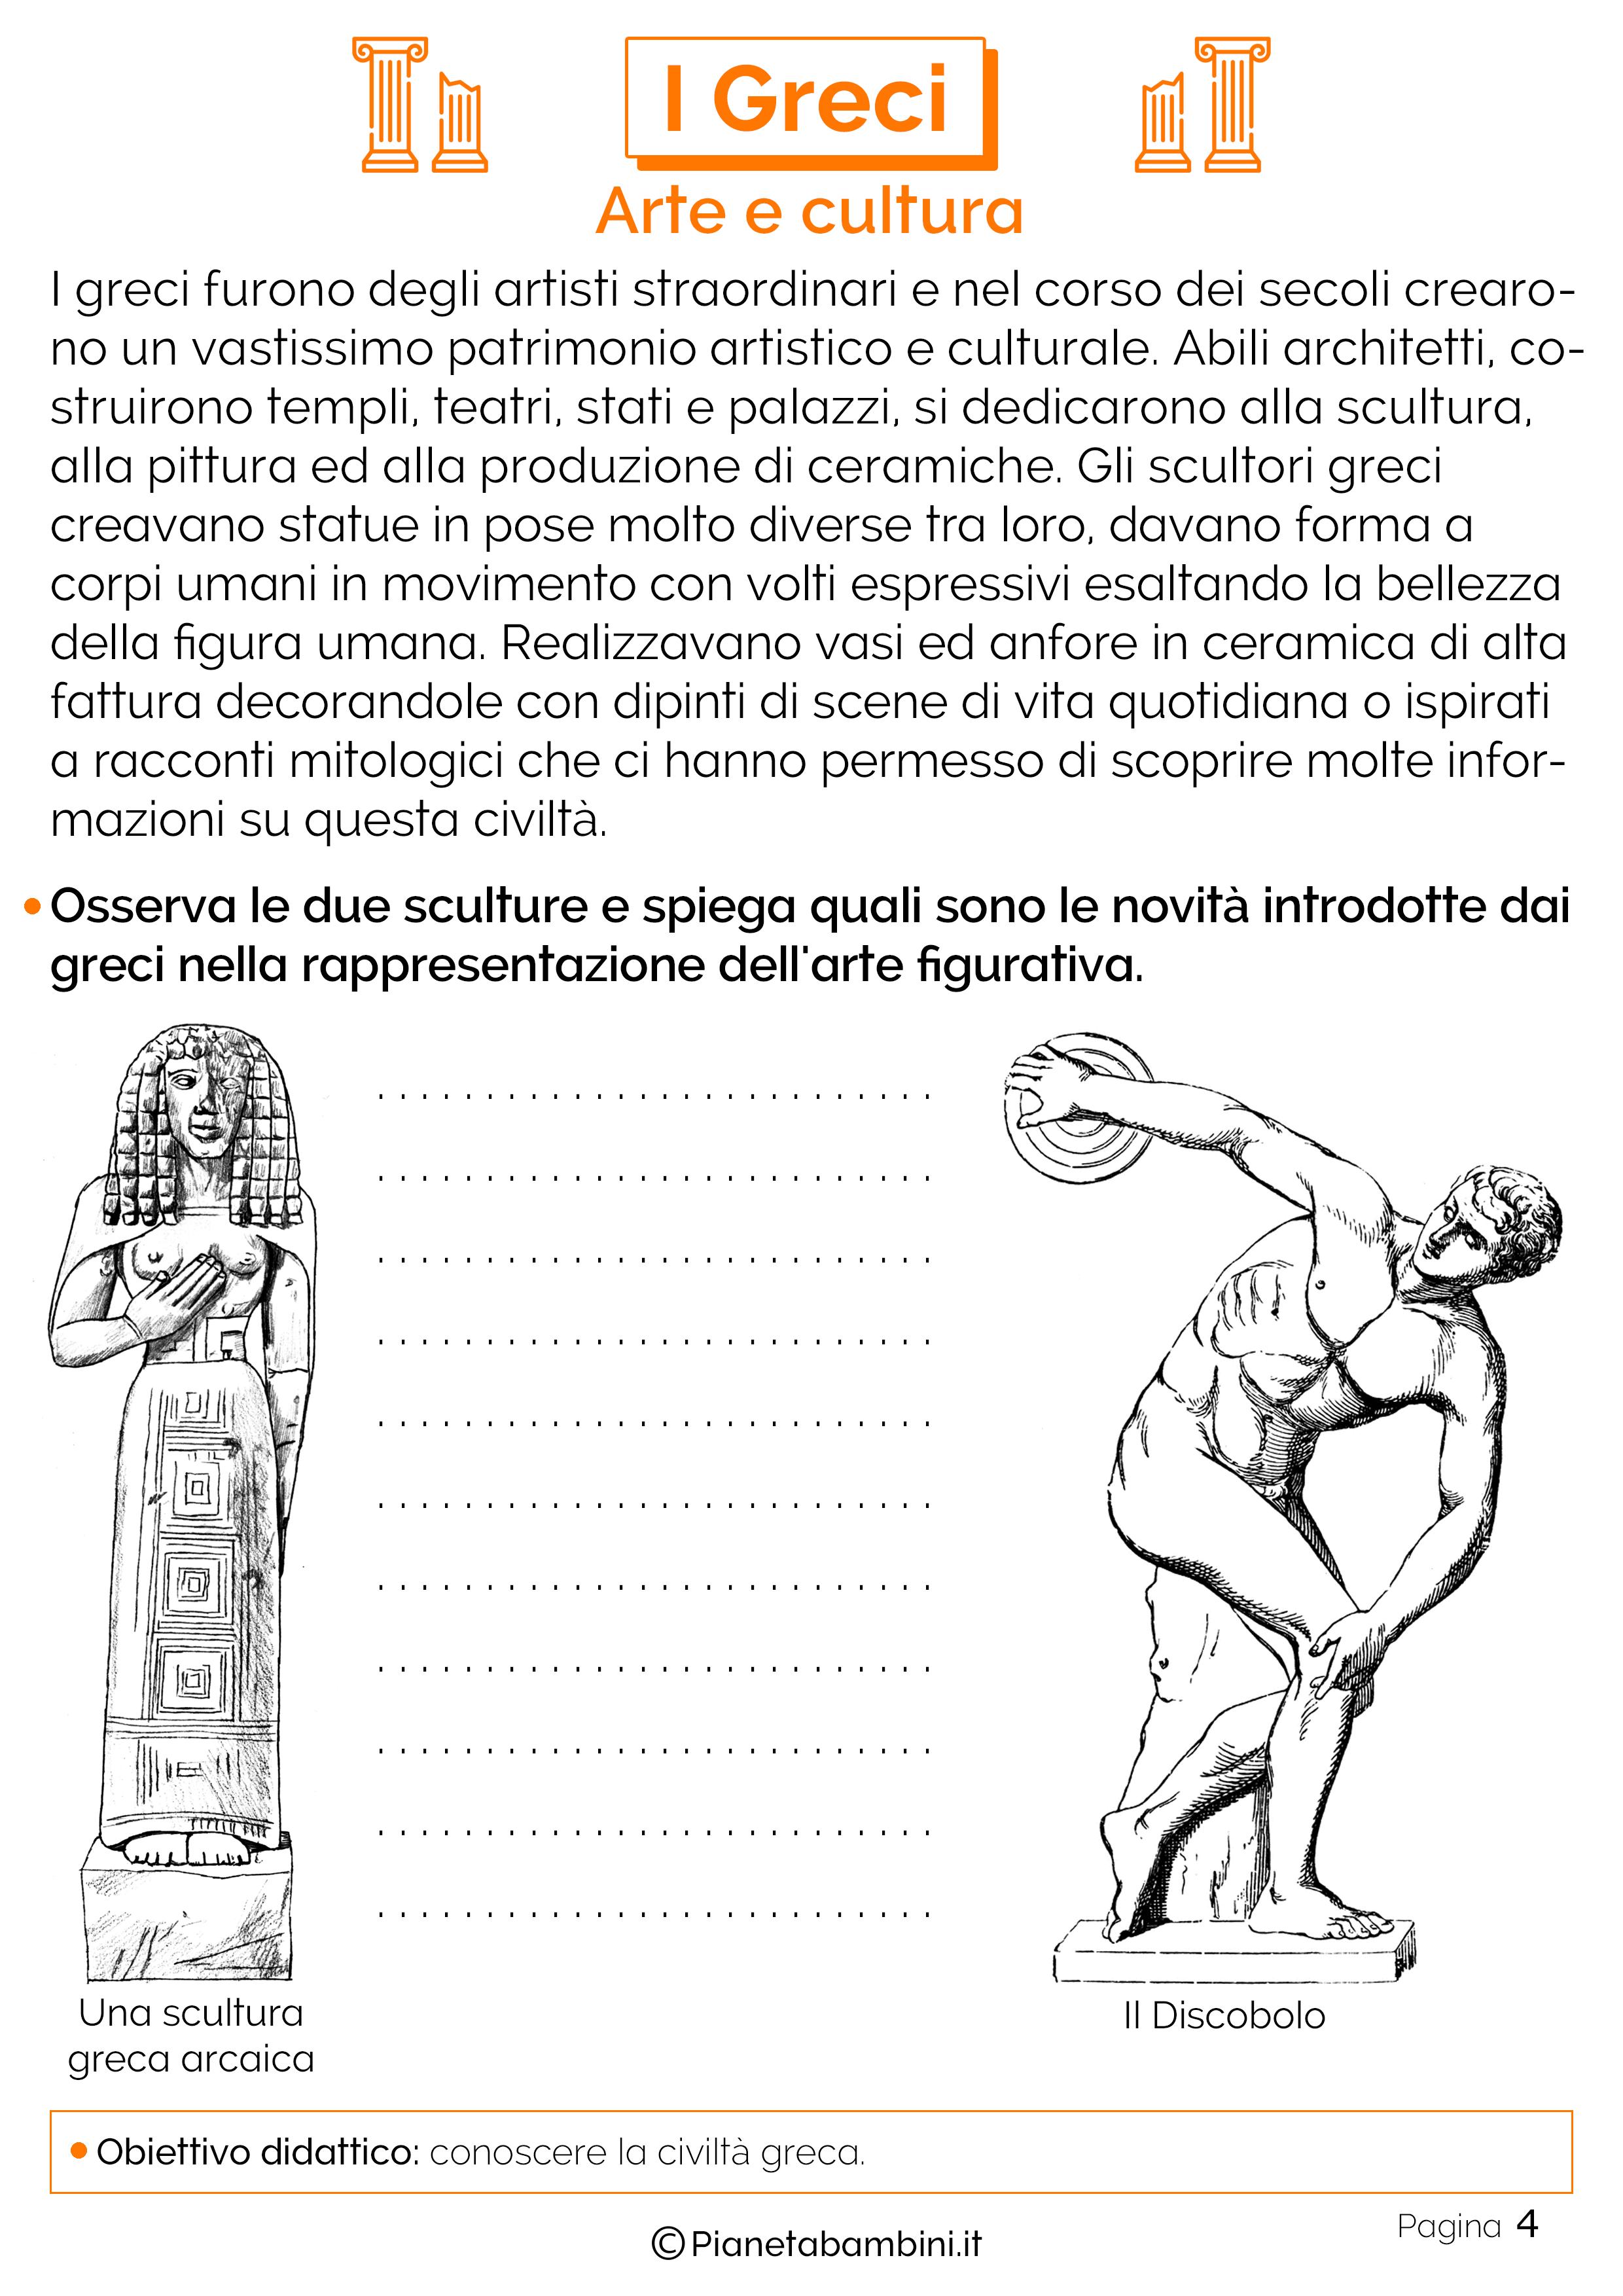 I Greci Schede Didattiche Per La Scuola Primaria Pianetabambiniit